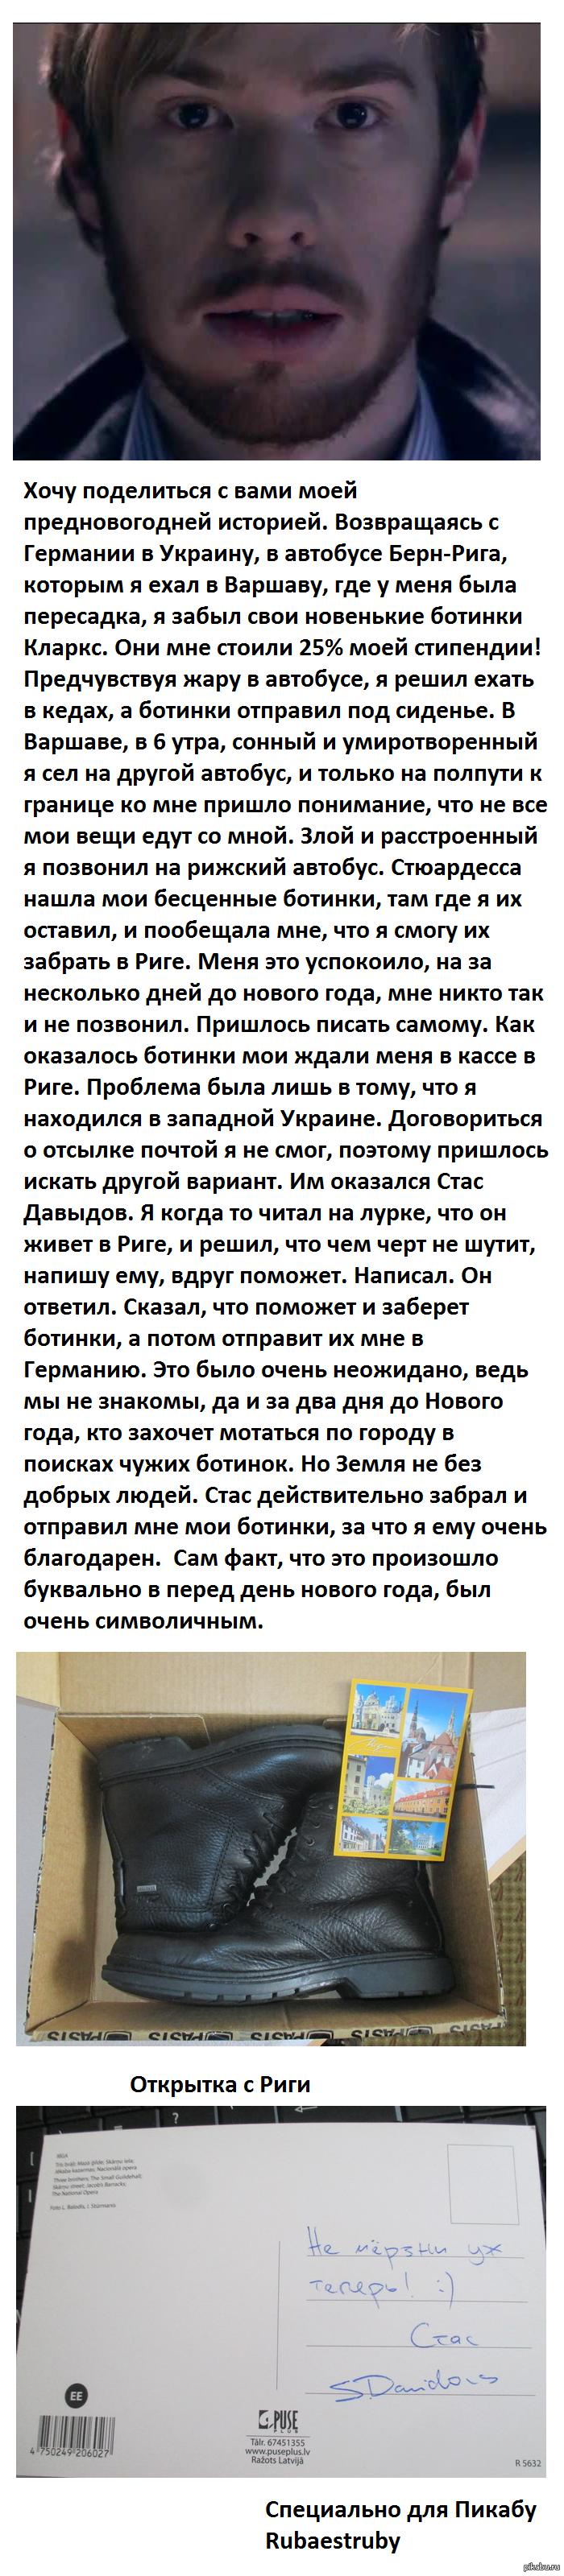 В Лигу Добра Стаса Давыдова. Или как ведущий «This is Хорошо» мои ботинки спас.